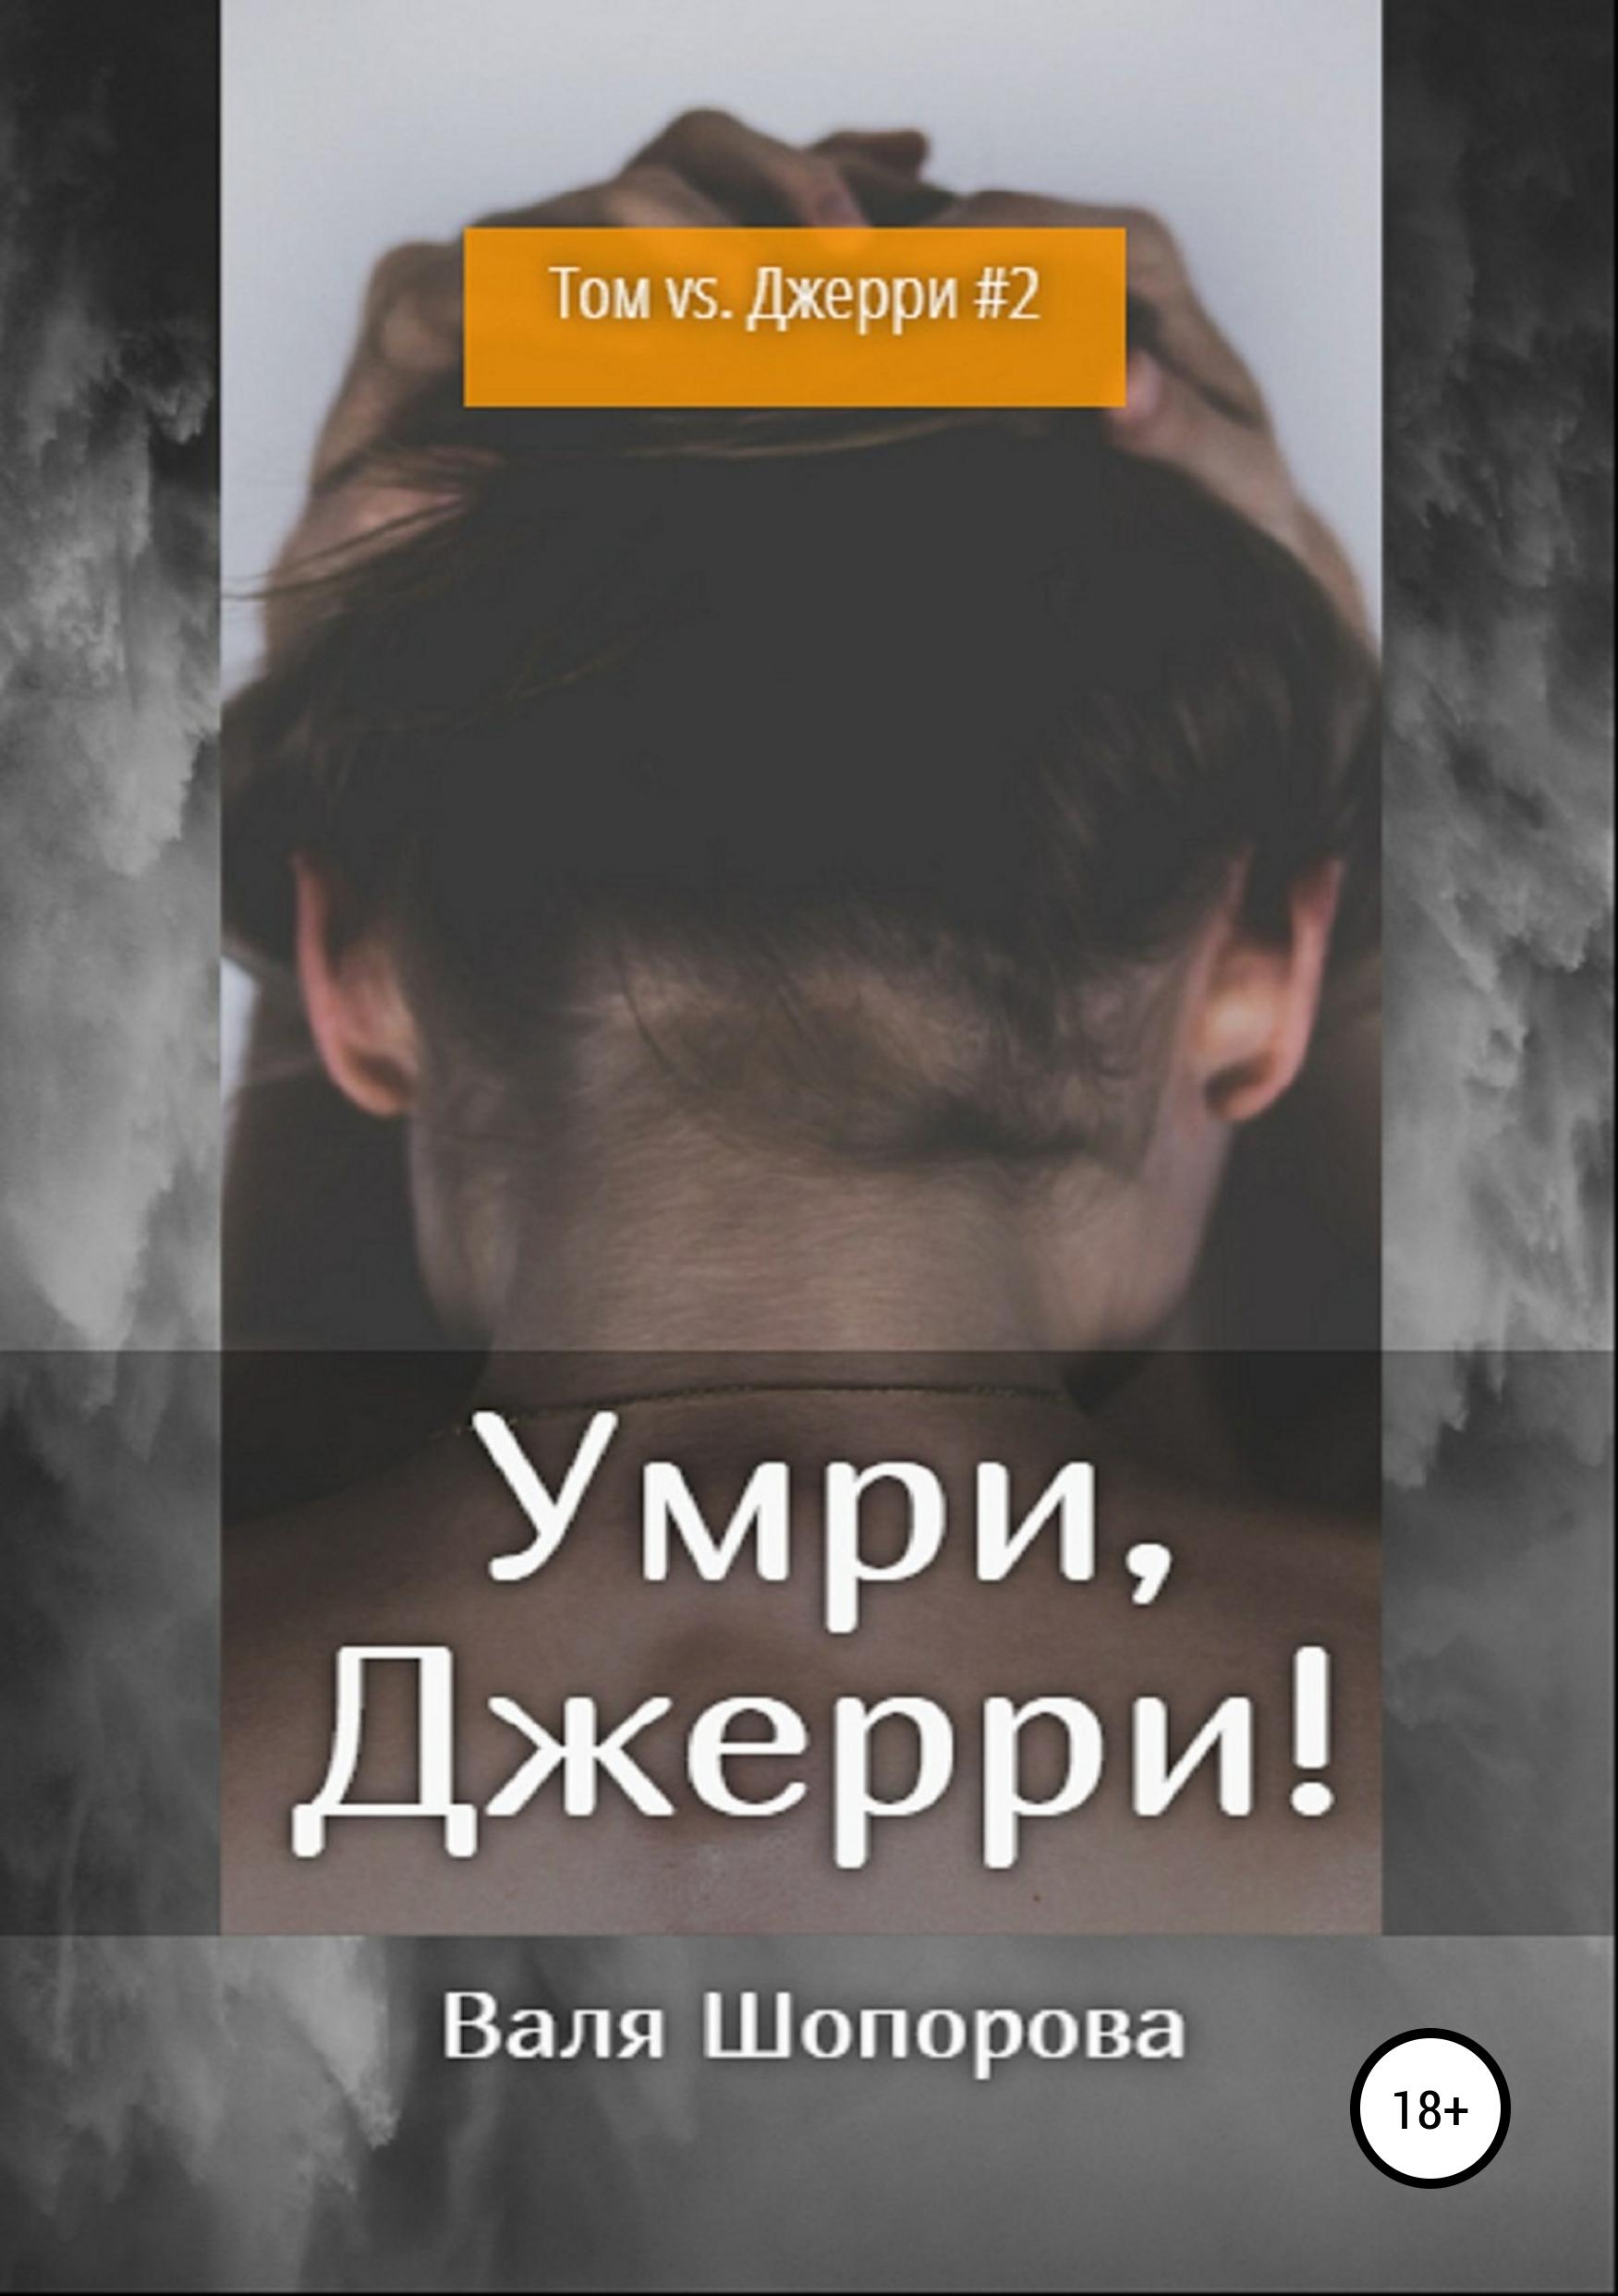 Валя Шопорова - Умри, Джерри!